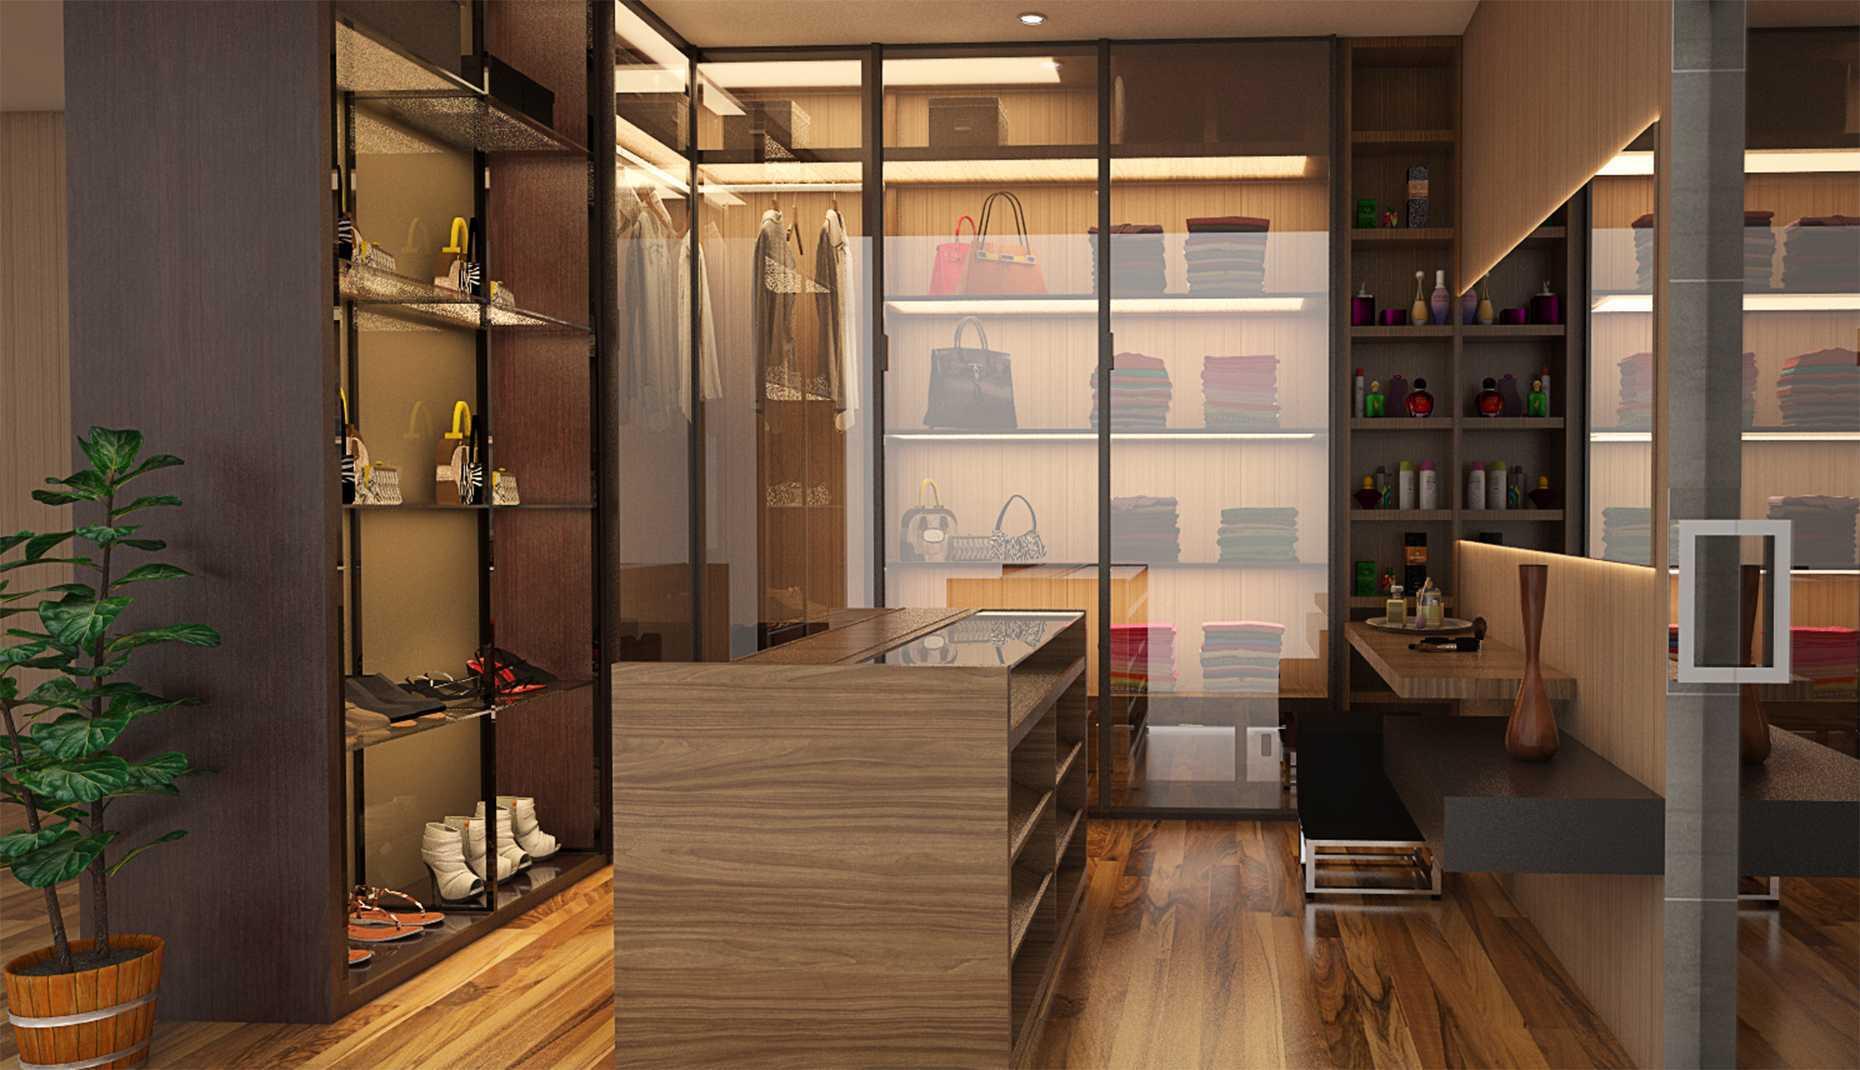 Sabio Design Master Bedroom - Bogor Bogor, Jawa Barat, Indonesia Bogor, Jawa Barat, Indonesia Sabio-Design-Master-Bedroom-Bogor  127720